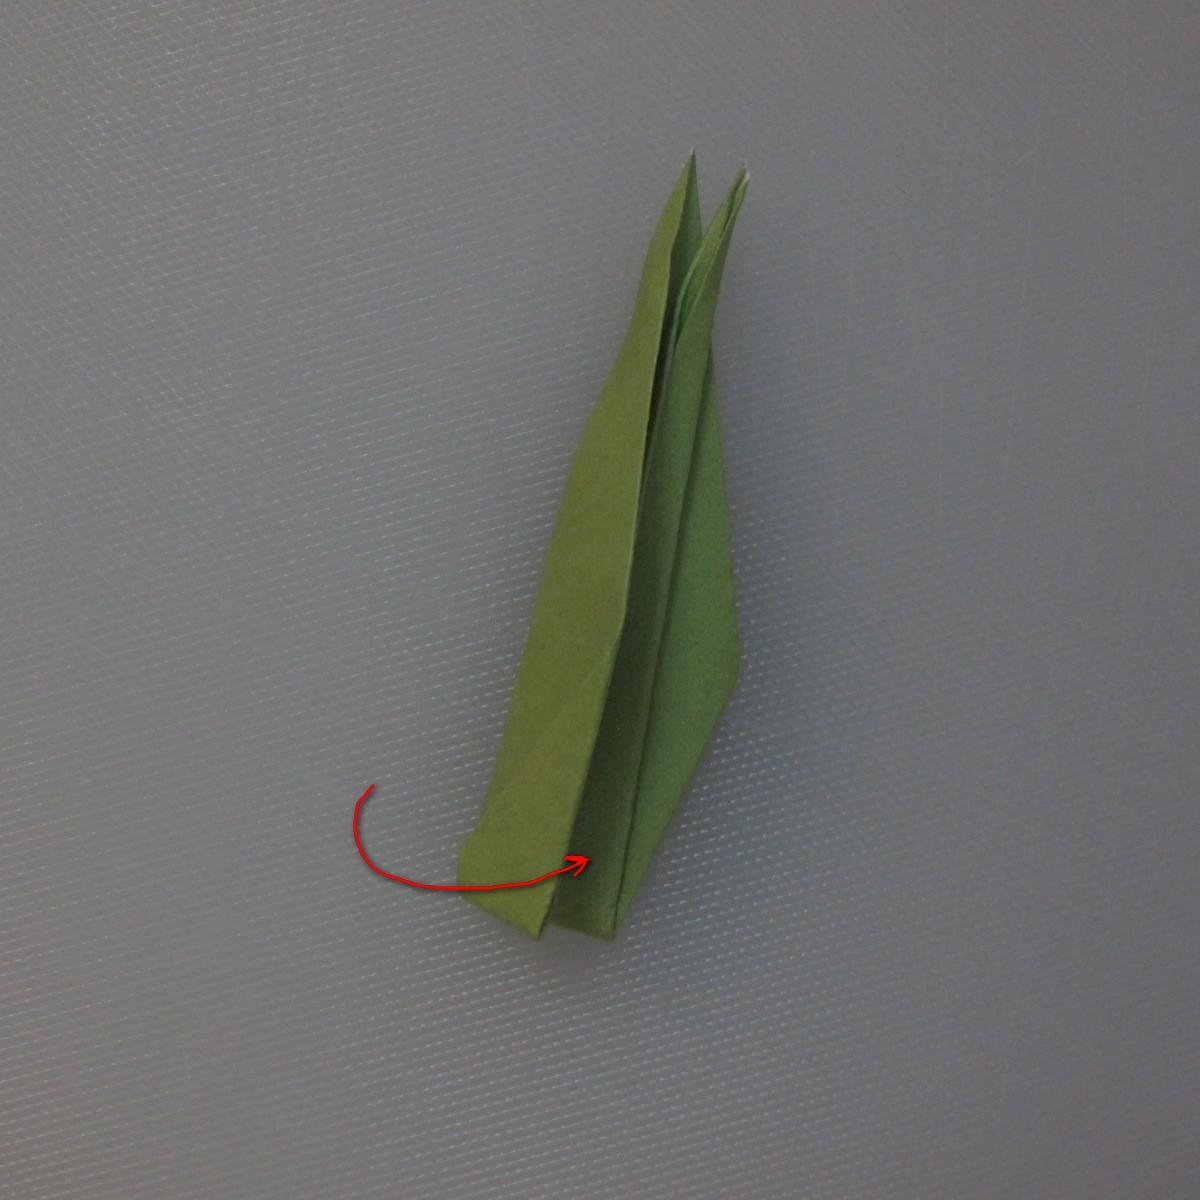 วิธีพับกระดาษเป็นดอกทิวลิป 025